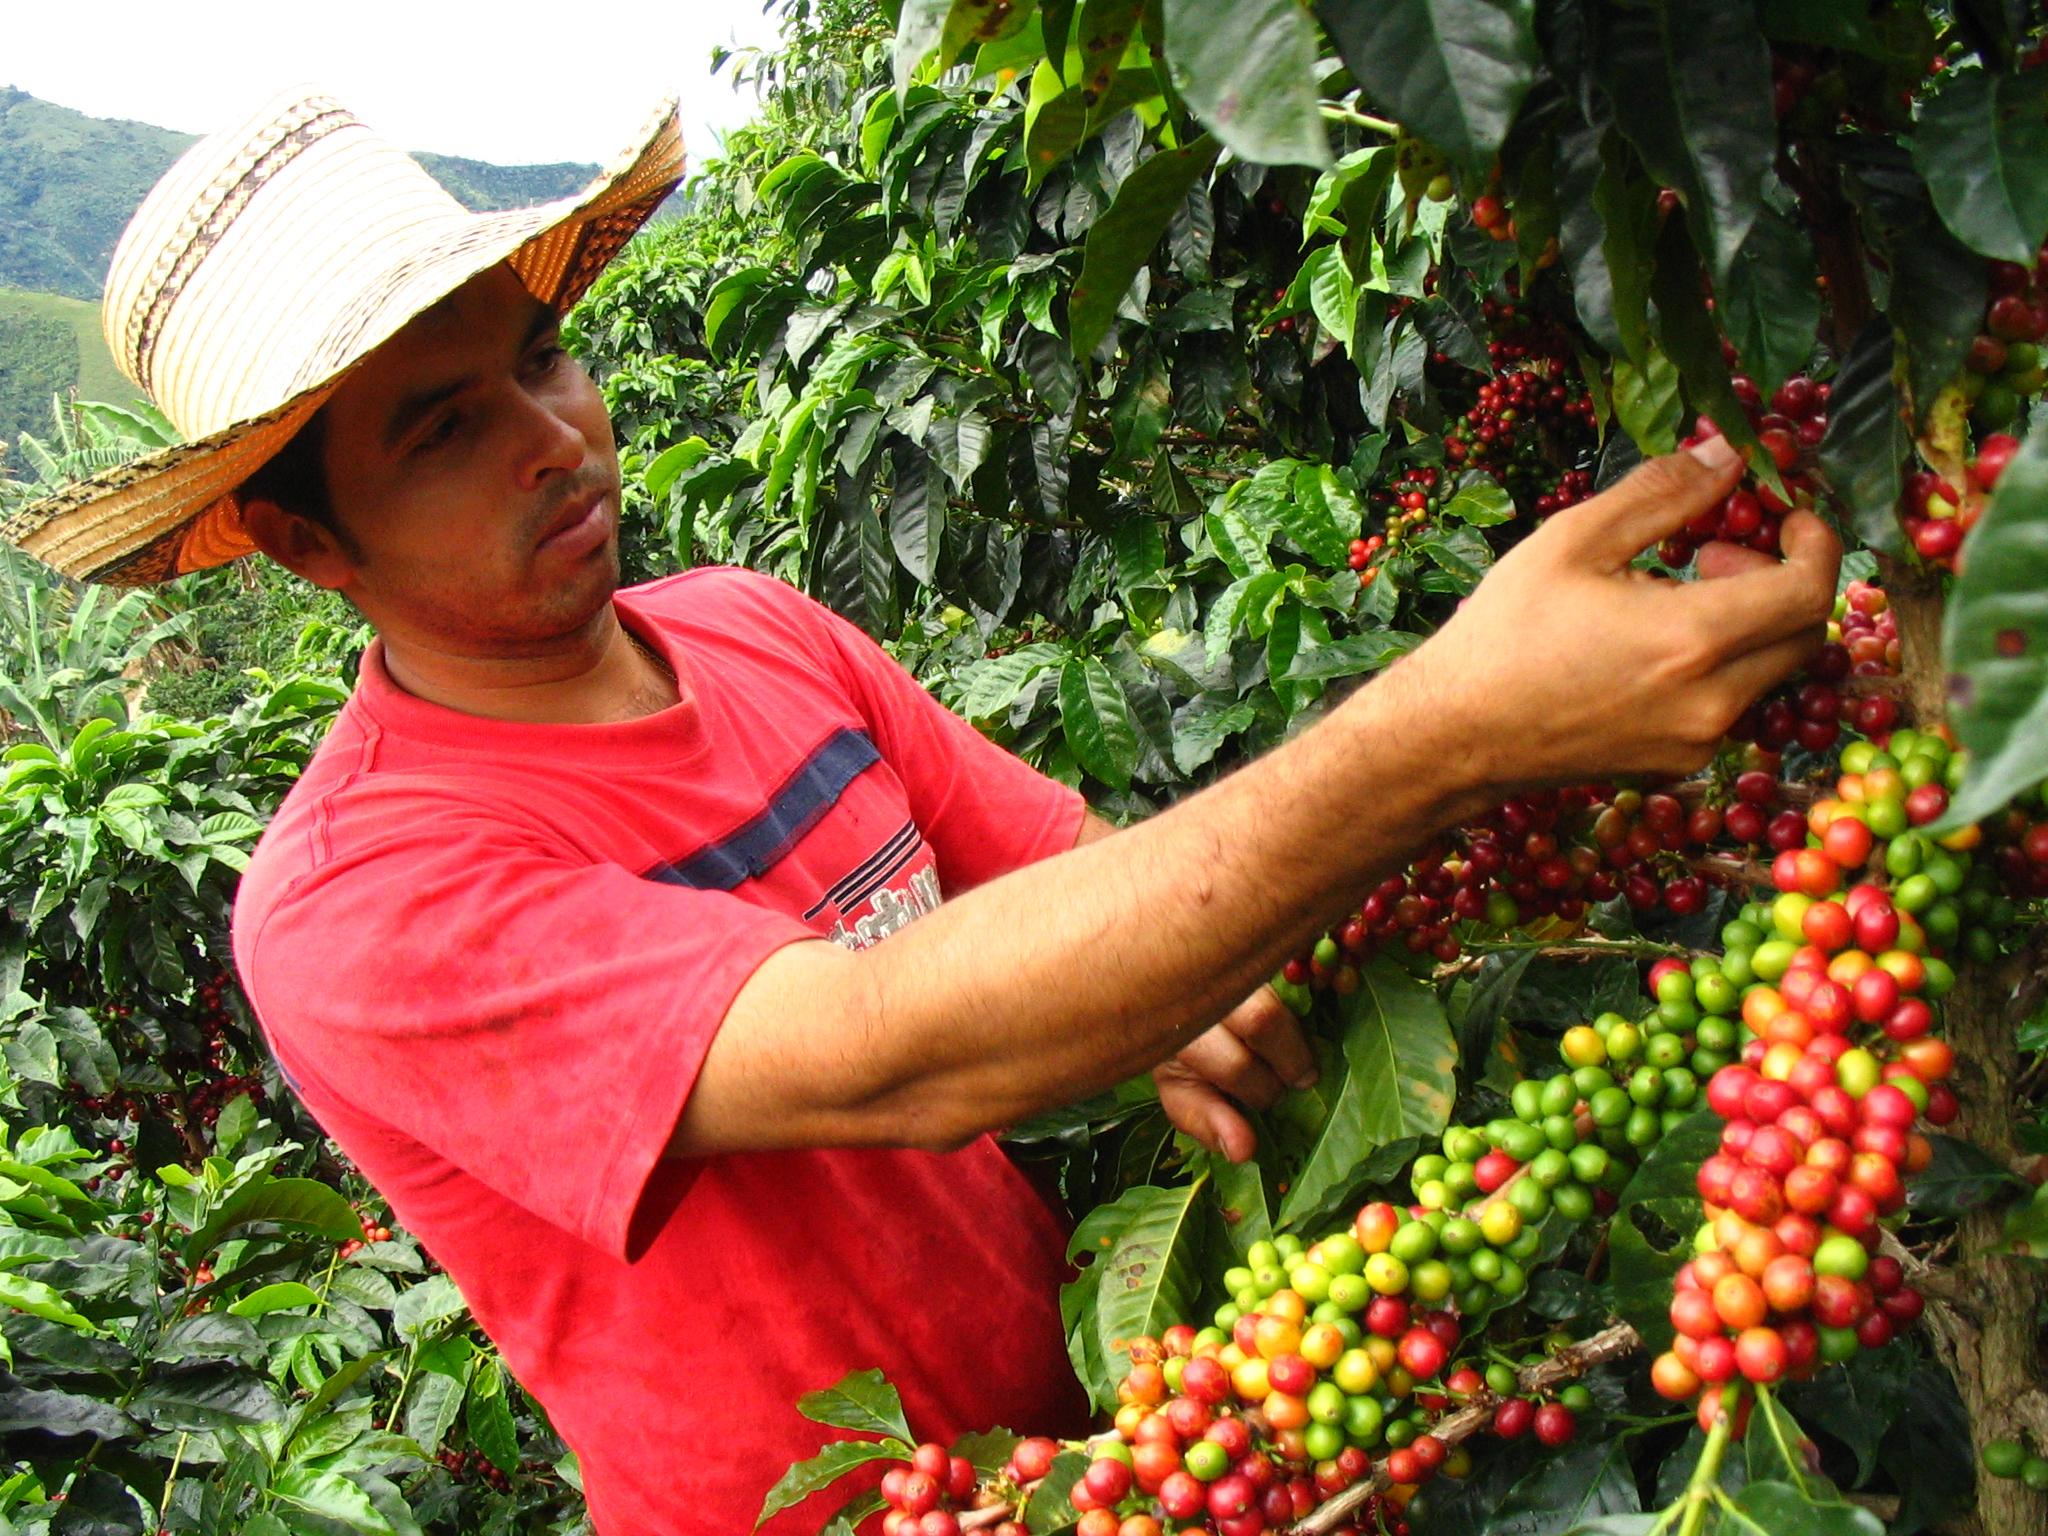 ProMéxico apoyará las exportaciones veracruzanas para abrir nuevos mercados